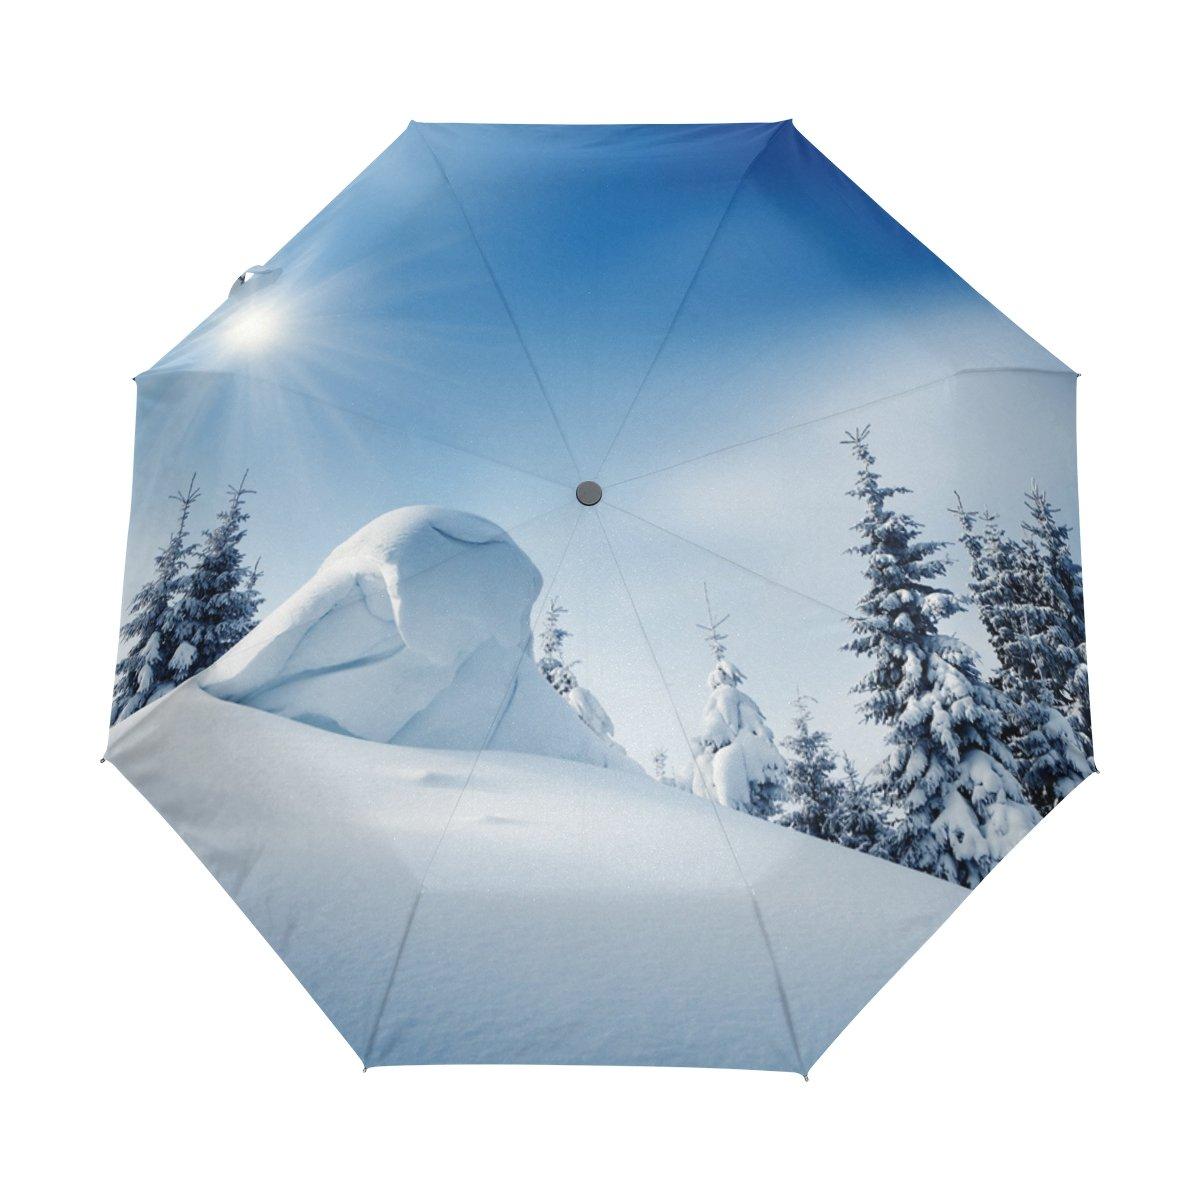 Senya Saobao防風と防雨トラベル傘with自動開いて閉じFolding Winter Landscapeポータブル折りたたみ式太陽雨傘 B07FLZPHDQ